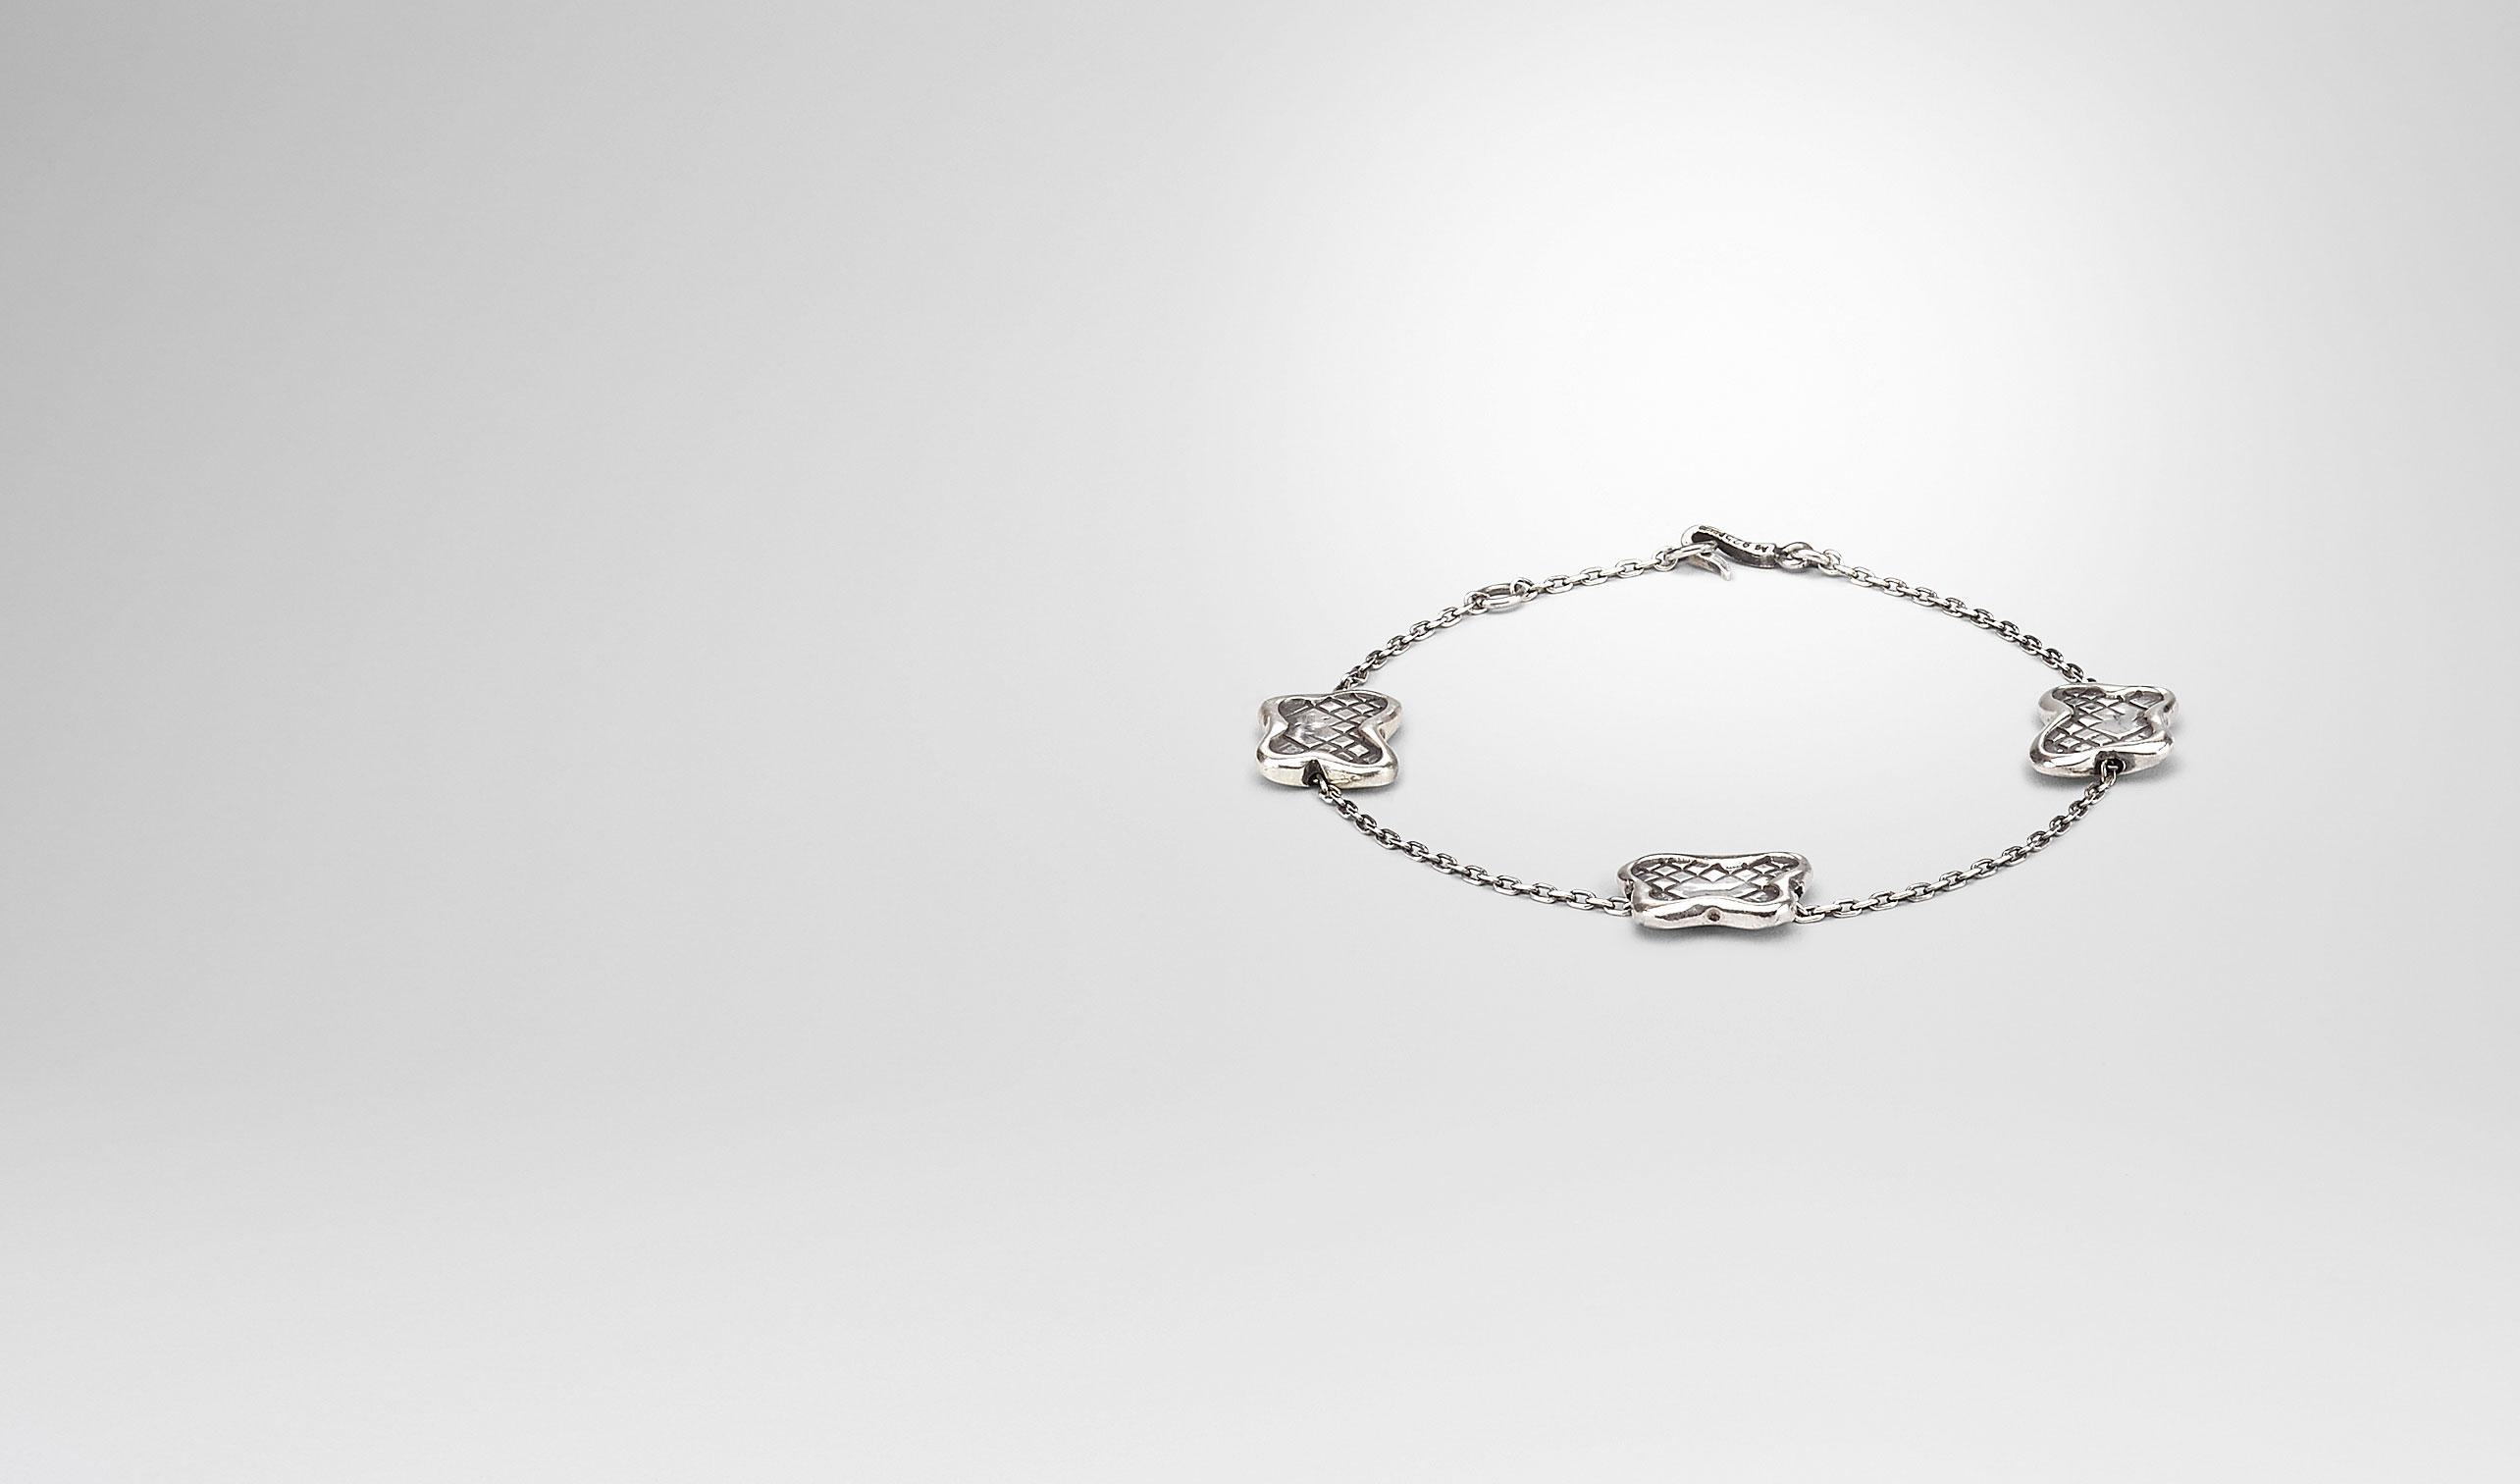 BOTTEGA VENETA Bracelet D BRACELET IN SILVER, INTRECCIATO DETAILS pl